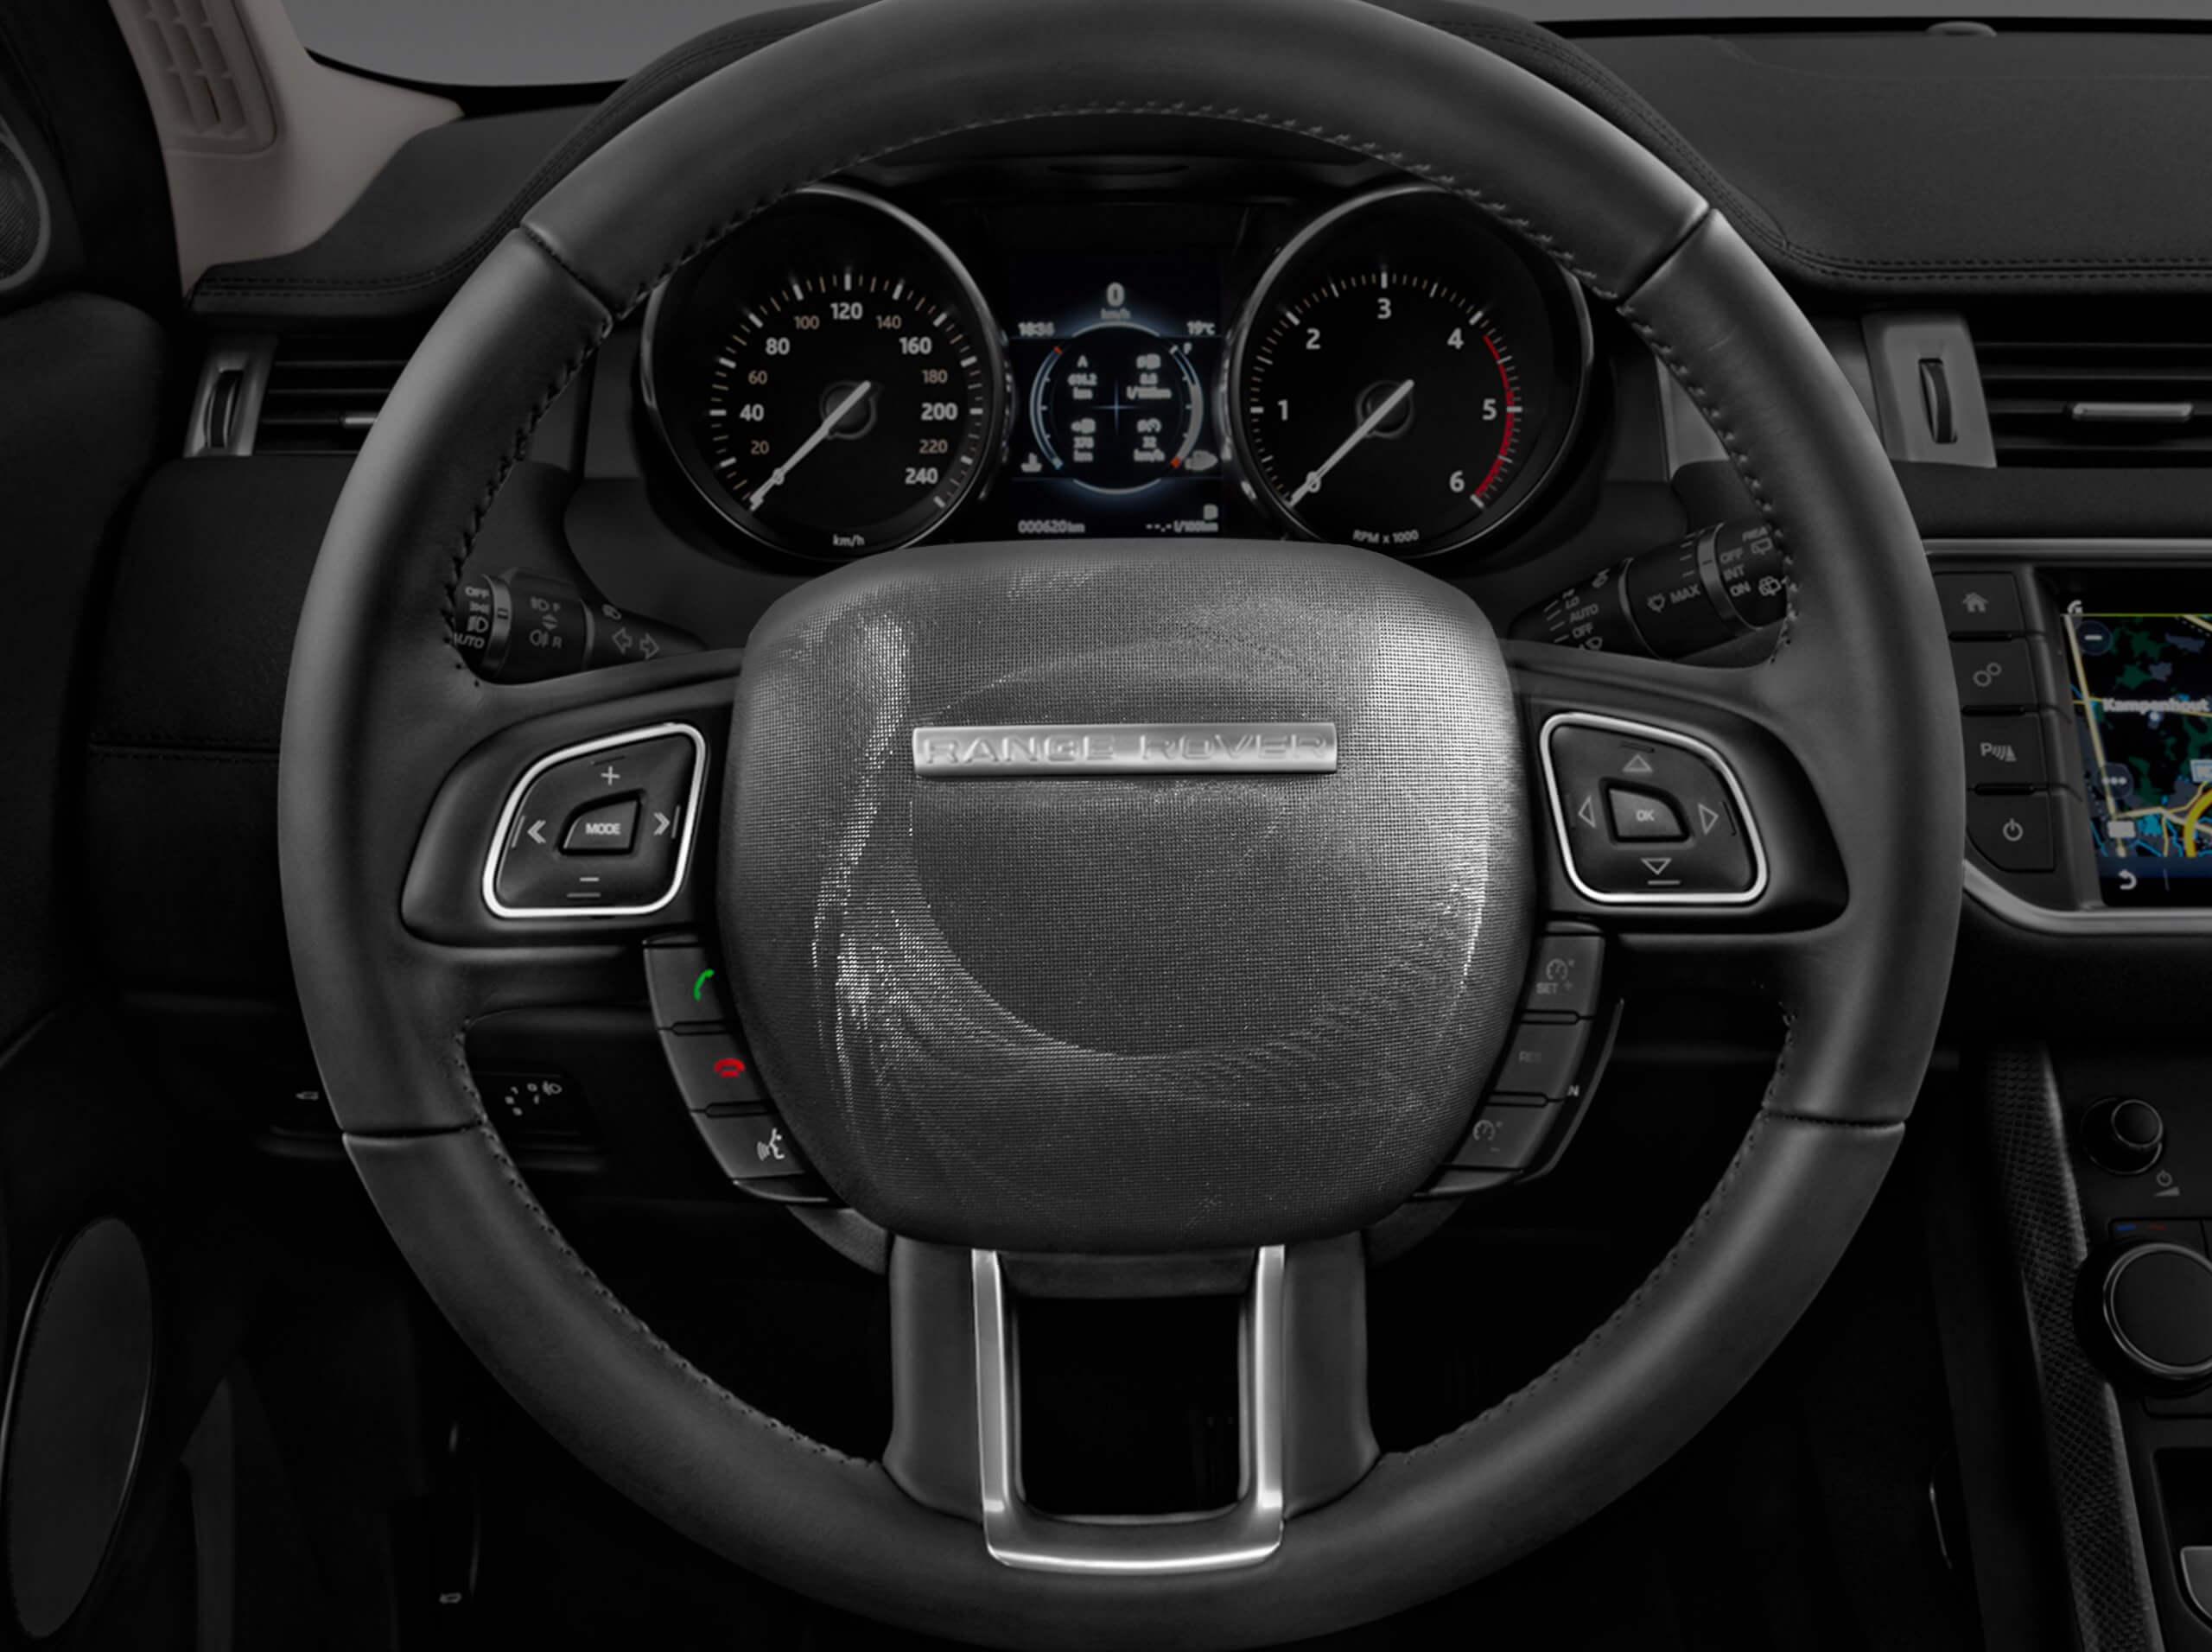 RangeRover-Evoke_steeringwheel